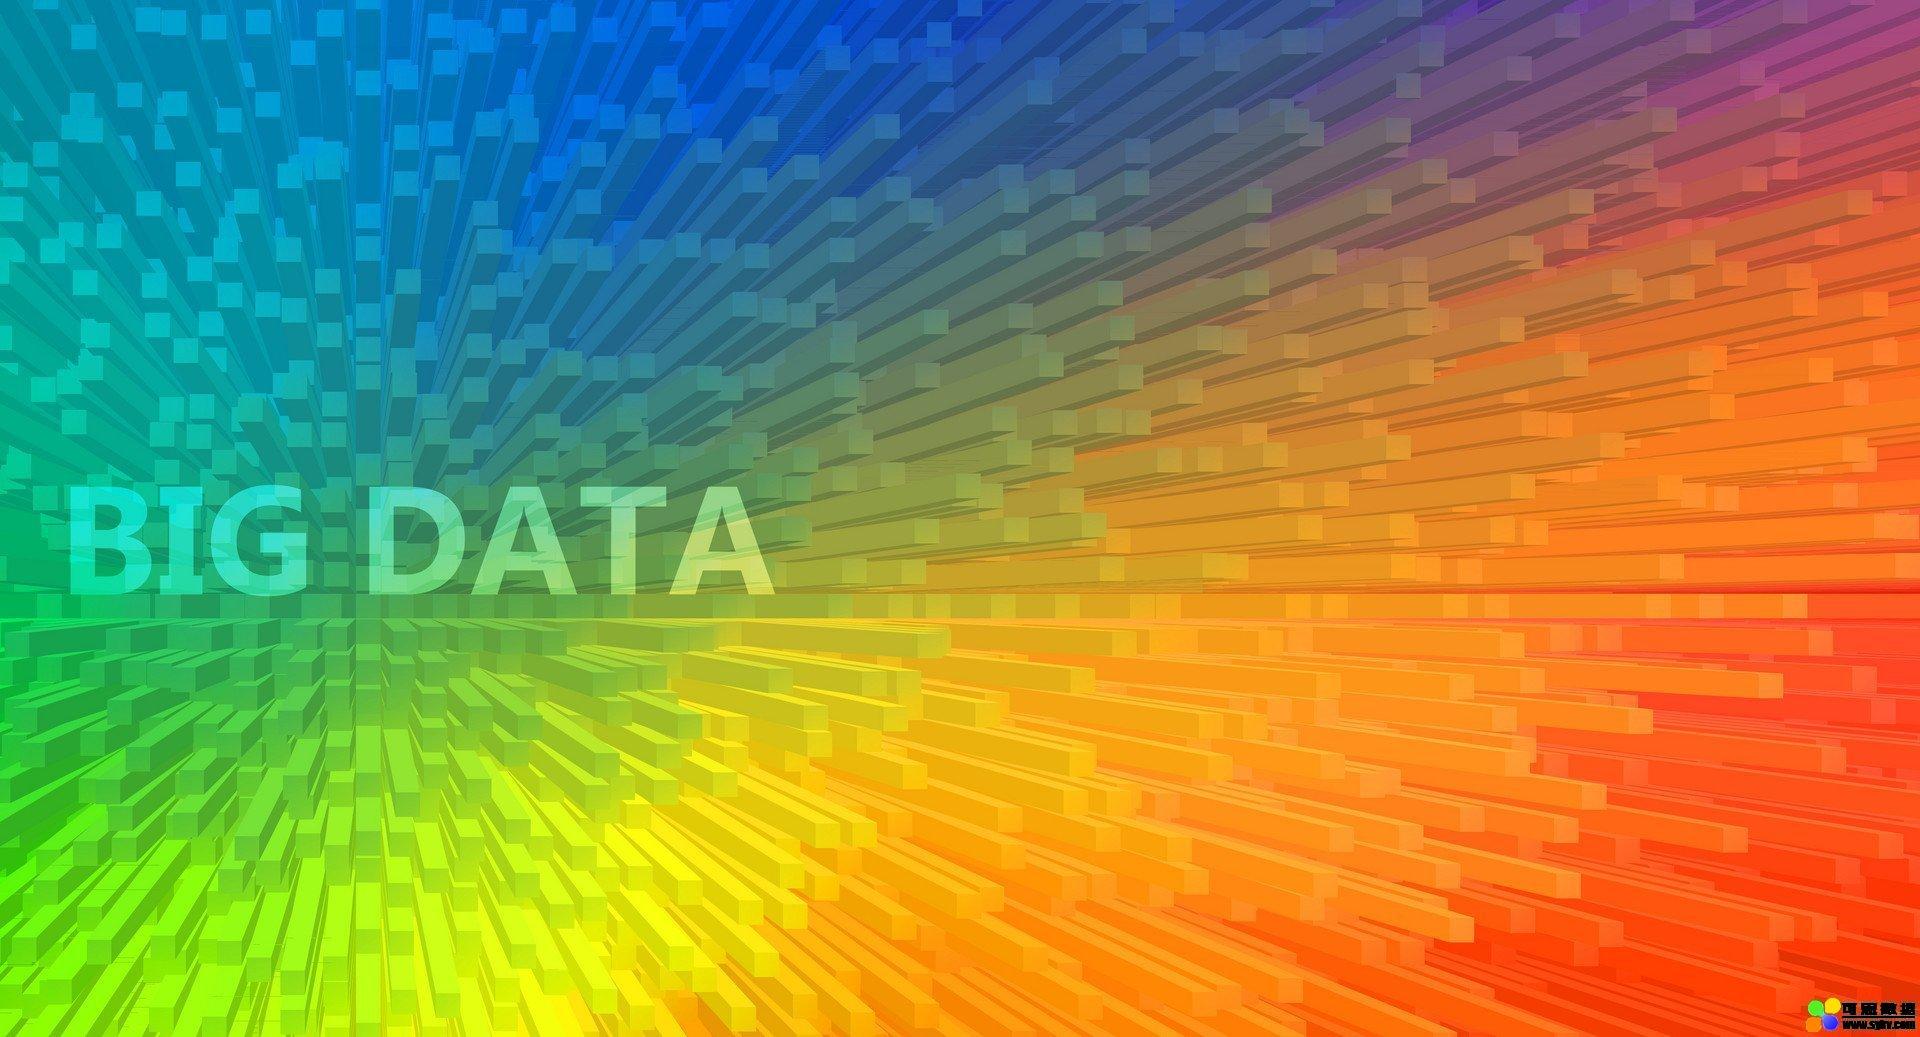 2020年招聘大数据人才的六大理由